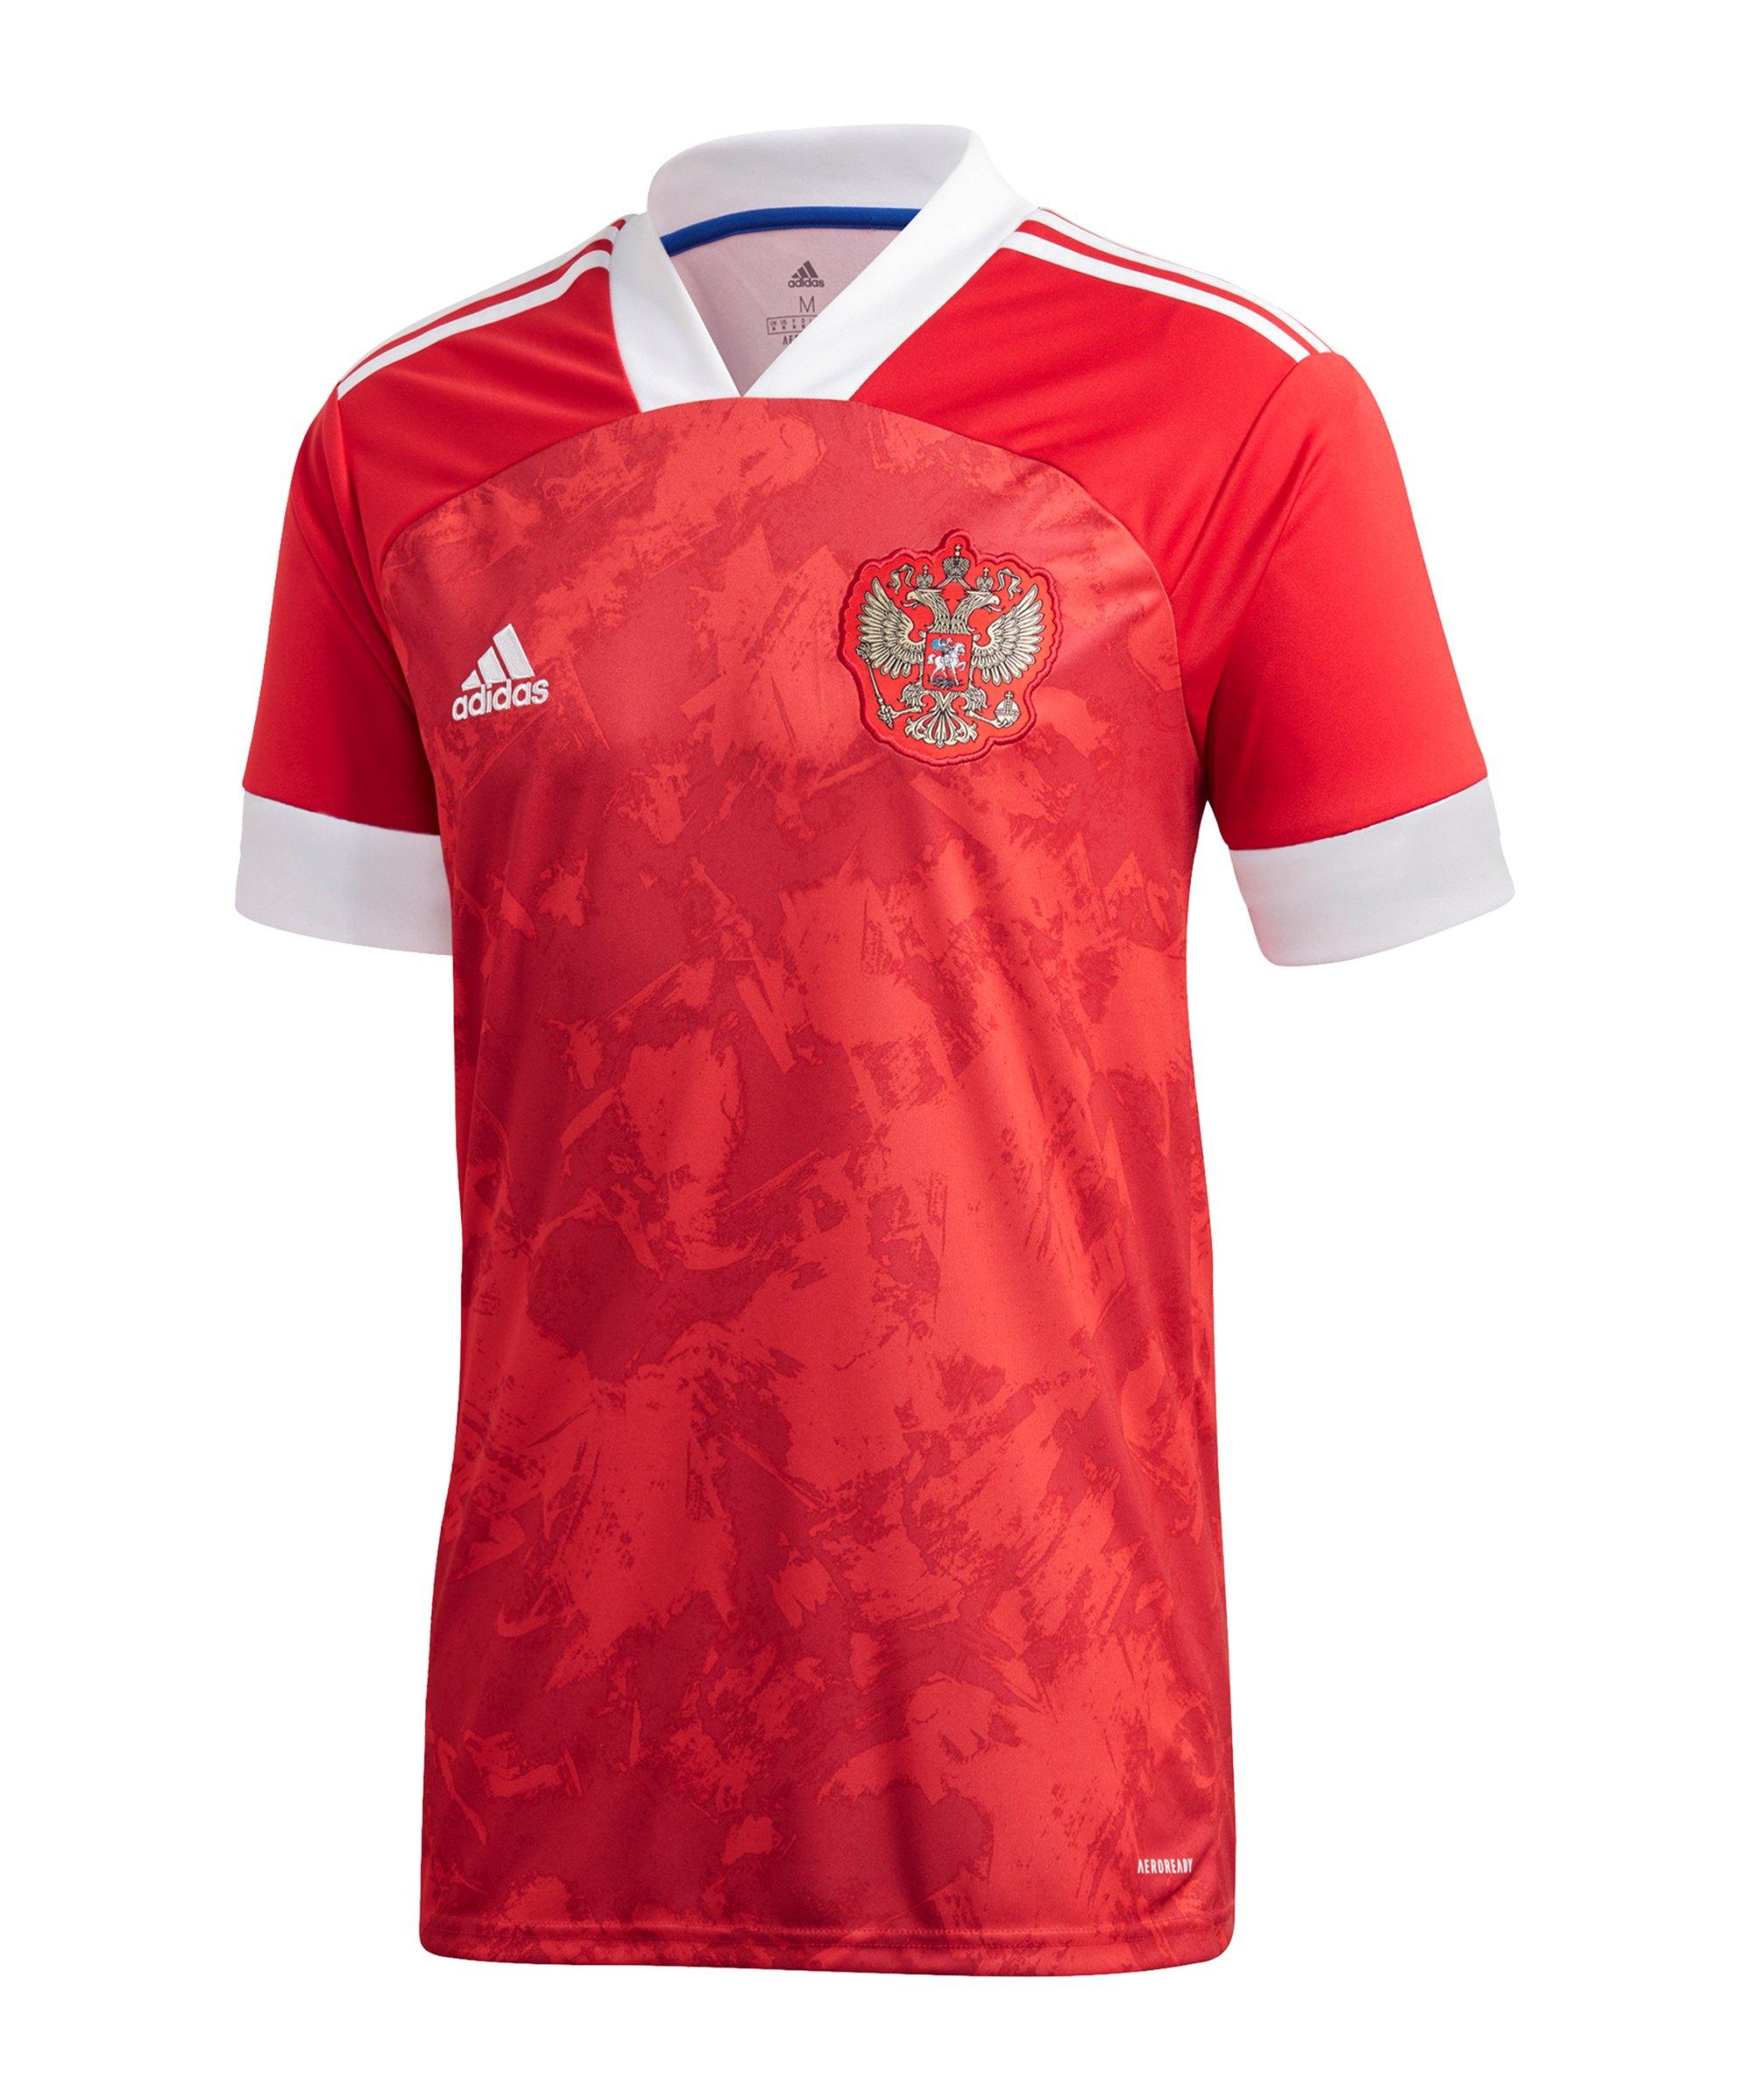 adidas Russland Trikot Home EM 2020 Rot Weiss - rot